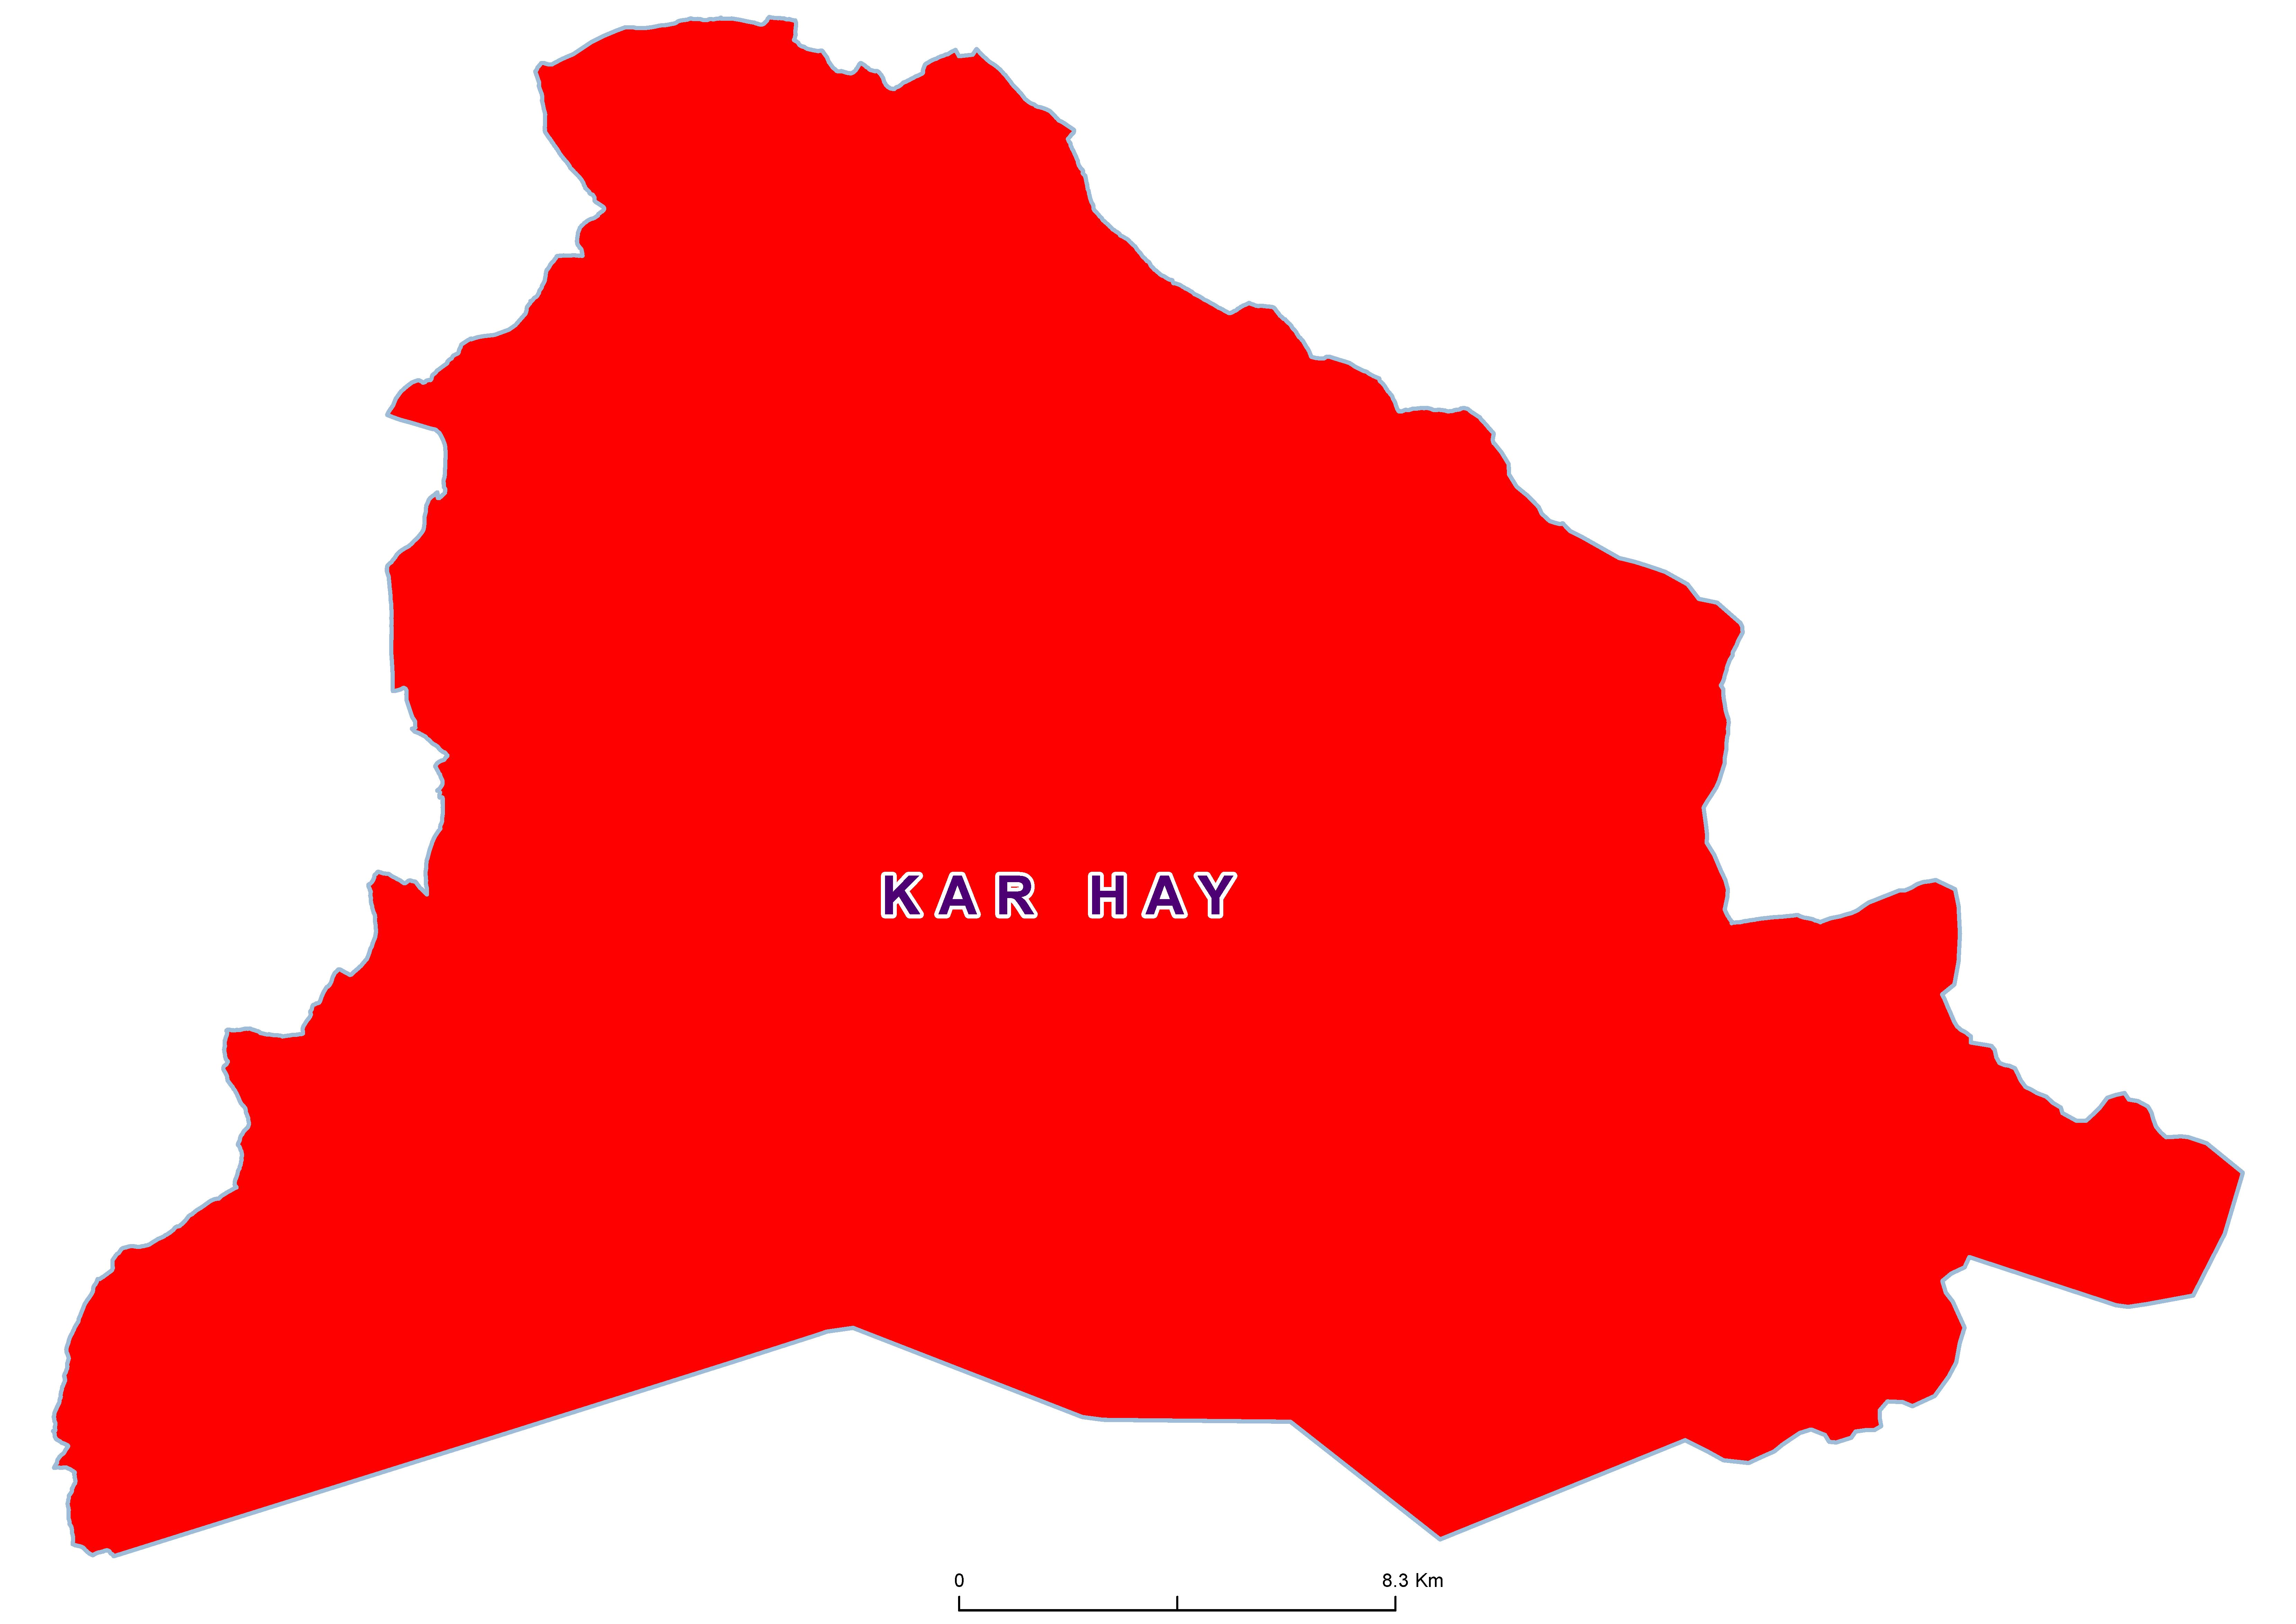 Kar Hay Max STH 19850001